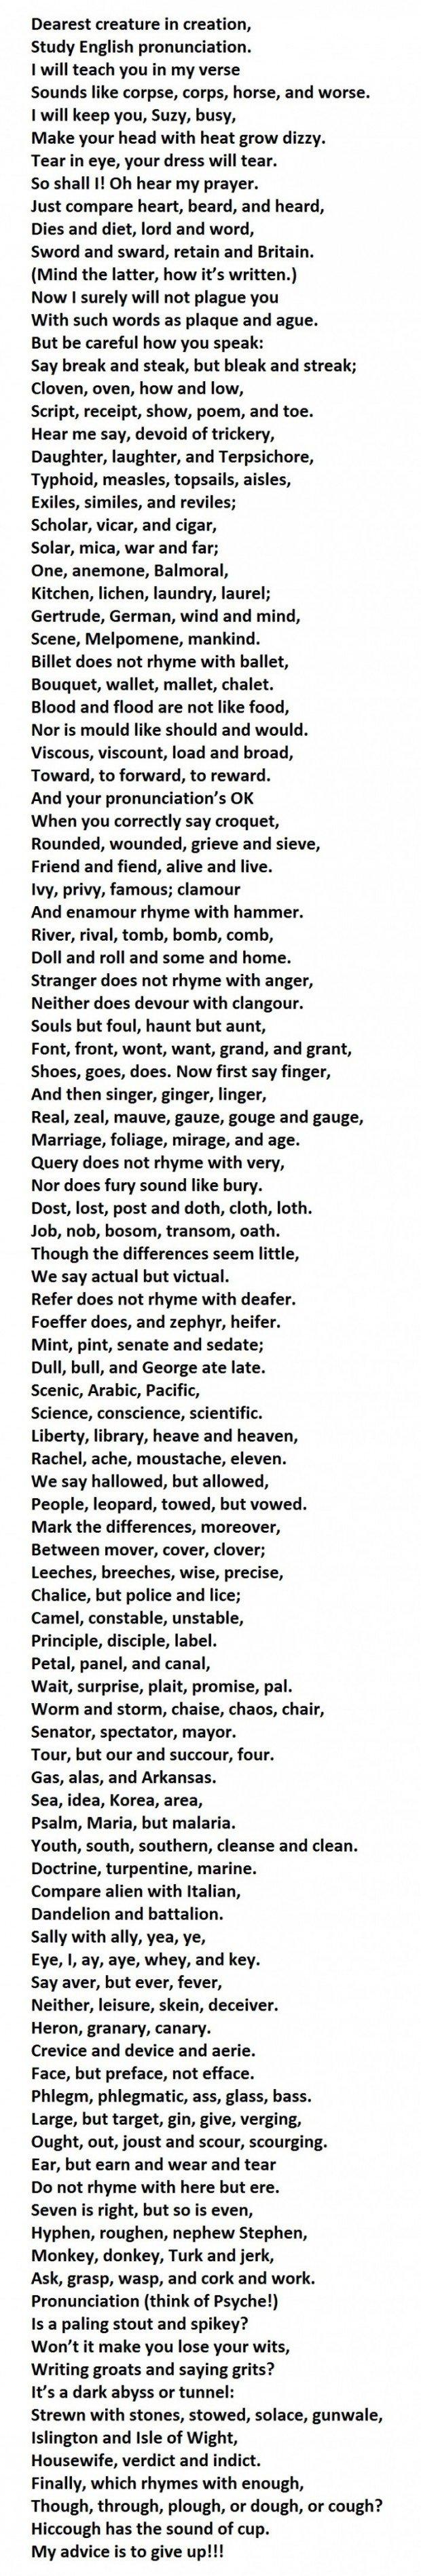 poem-whole